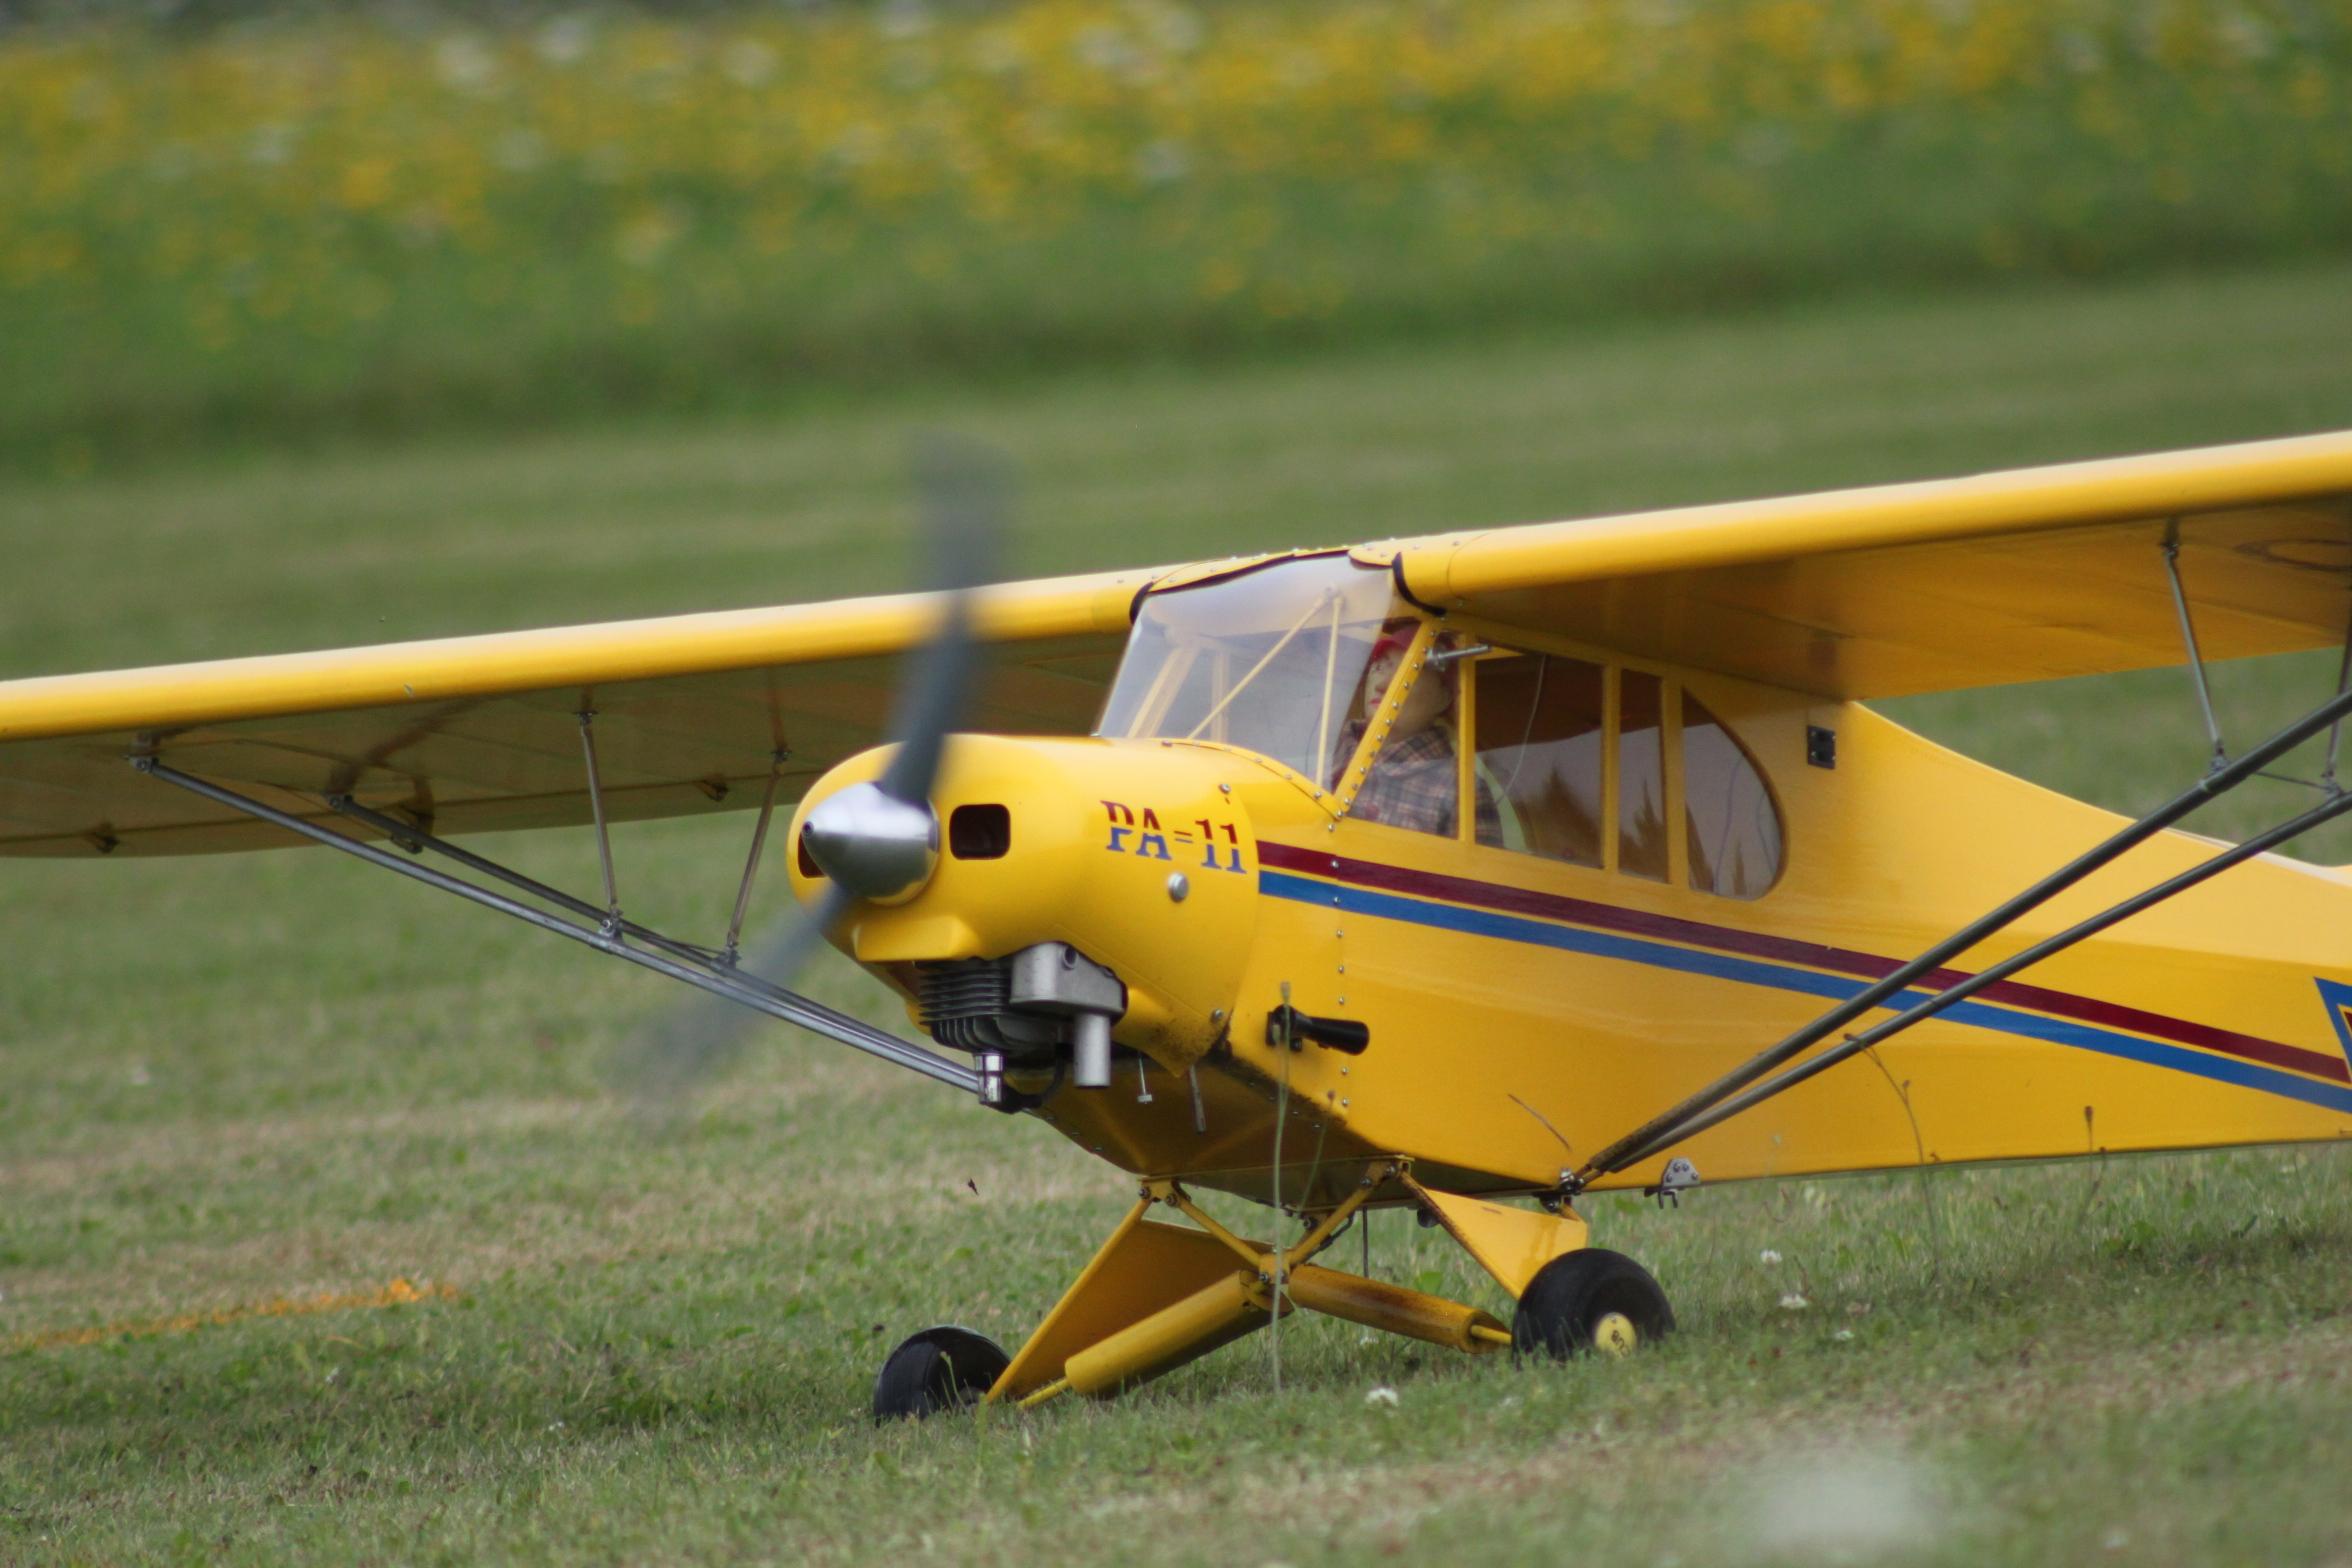 Richard Esseltine - Piper Cub PA 11 - Expert Scale